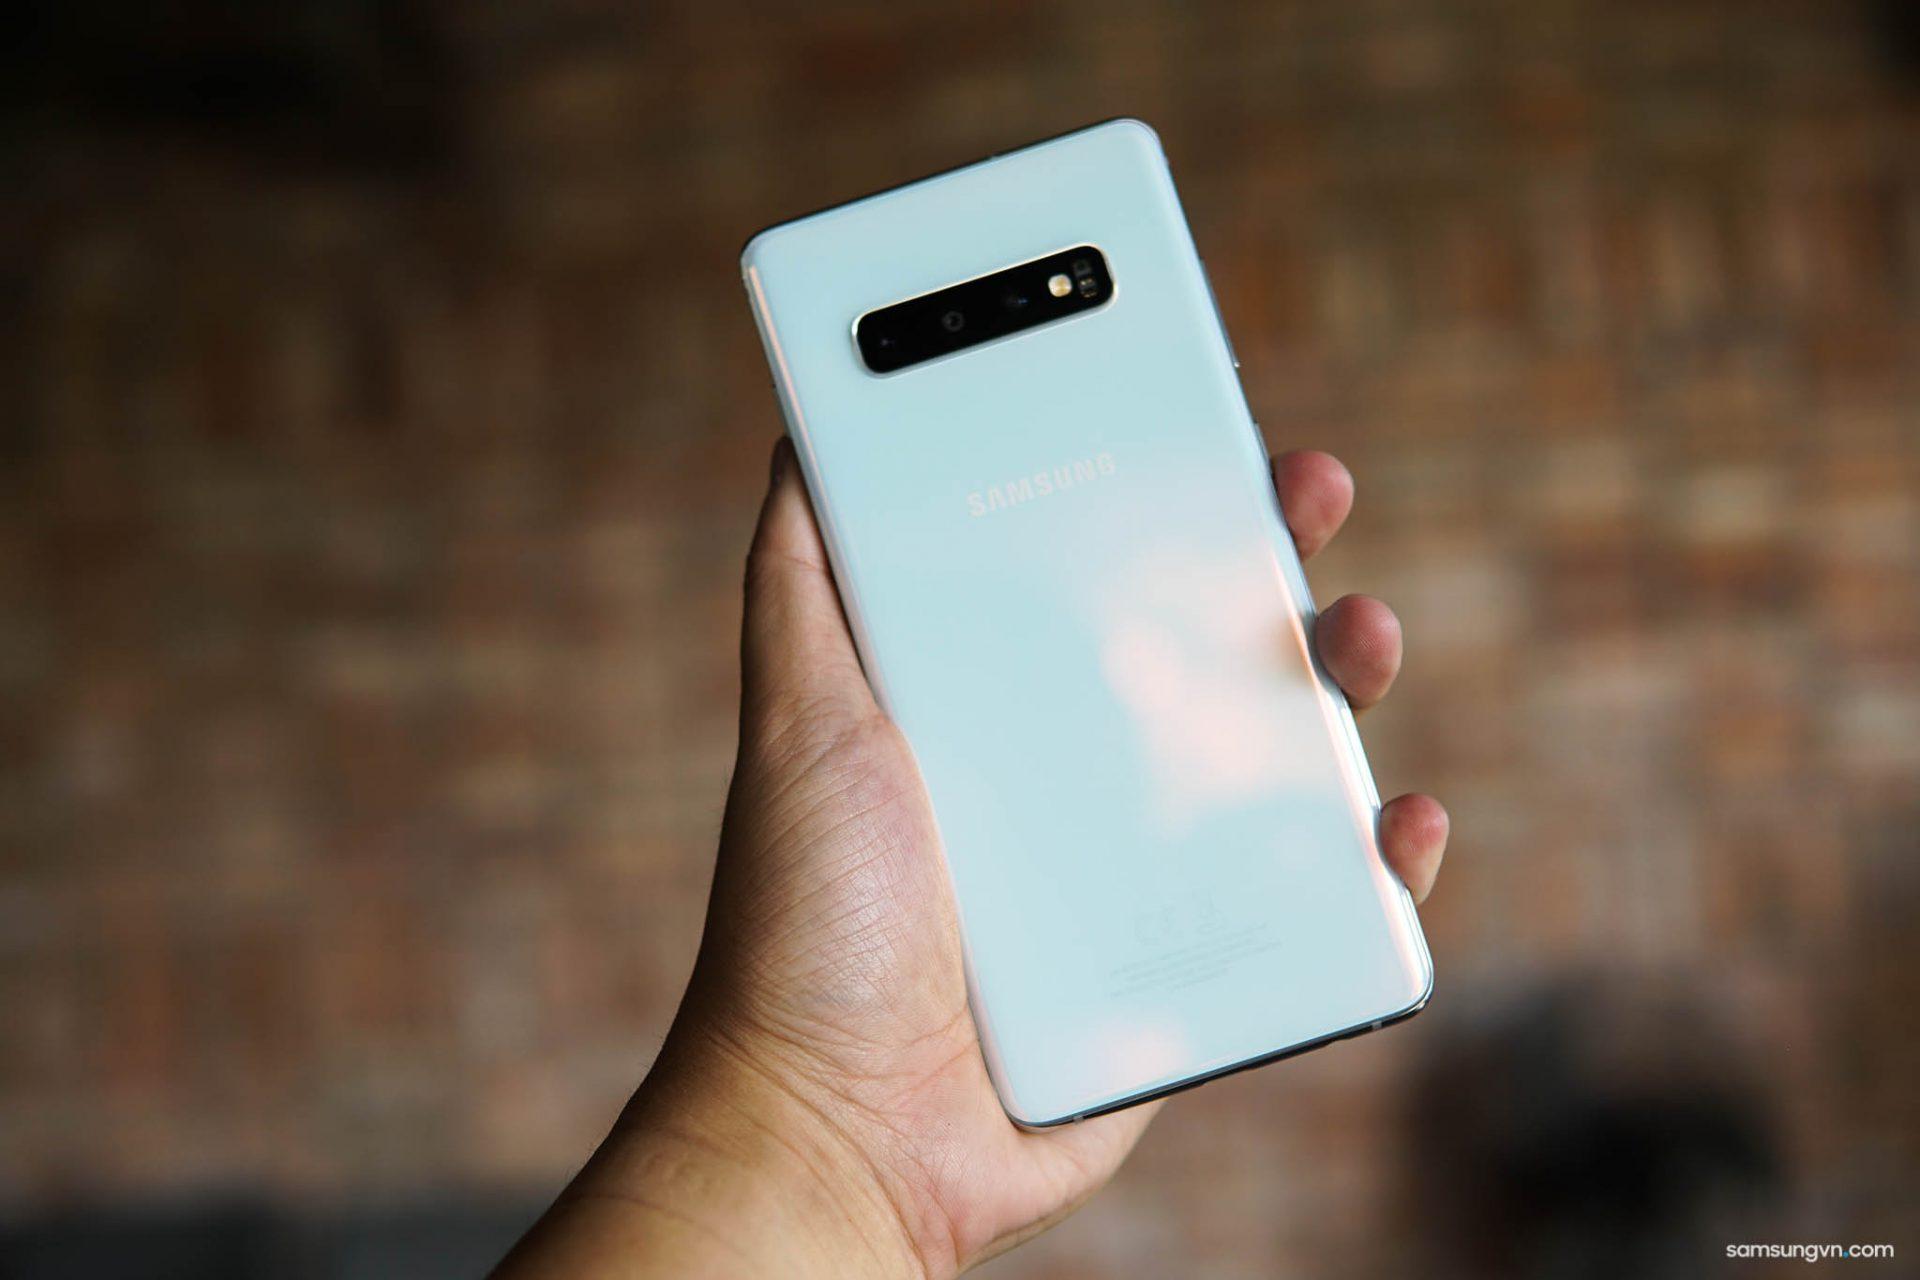 Sức hấp dẫn không thể chối từ! Với hơn 5.000 khách đặt mua Galaxy S10 khiến CellphoneS phải ngừng chương trình đặt cọc vì cháy hàng!